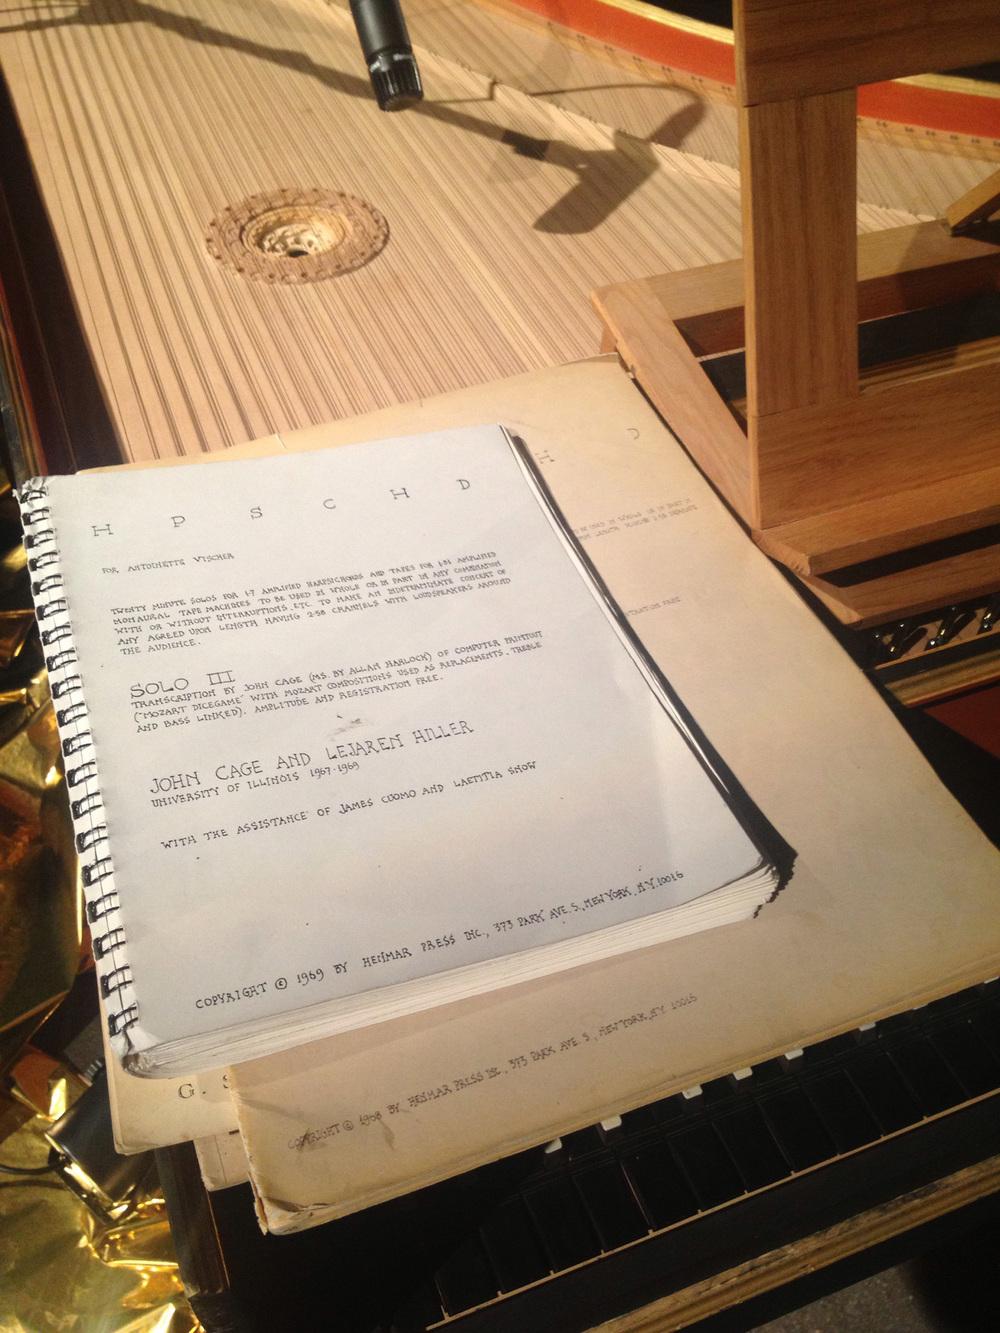 john-cage-hpschd-front-page-manuscript